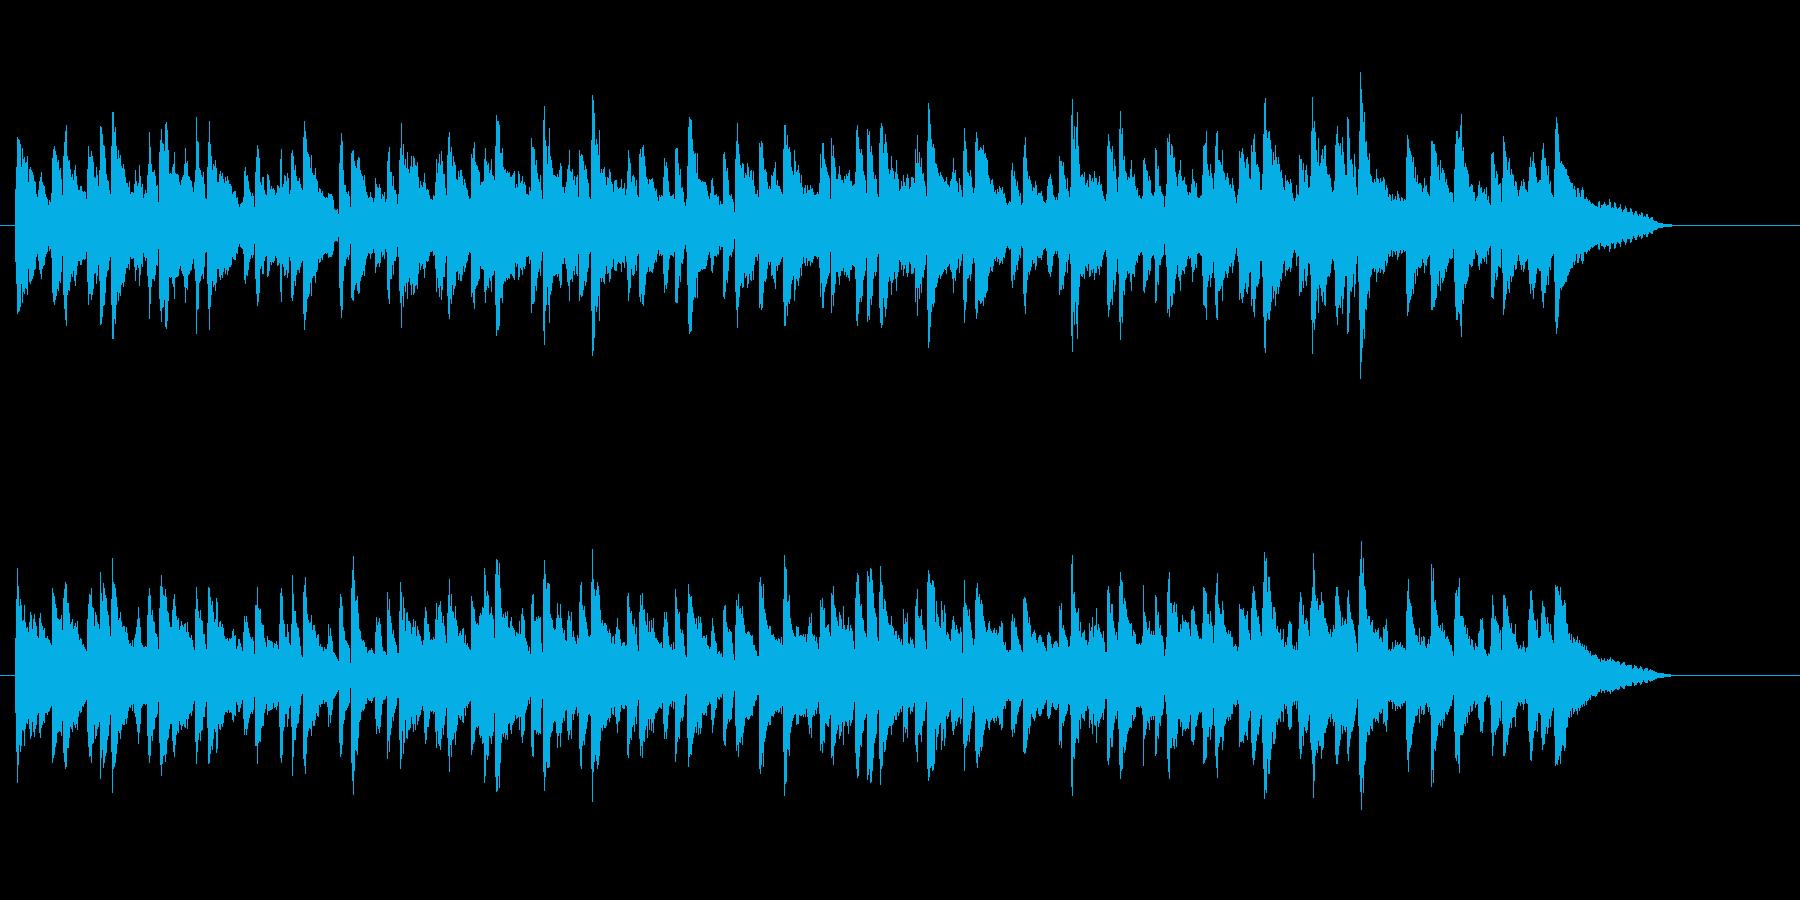 トランペットによるコンパクトなバラードの再生済みの波形